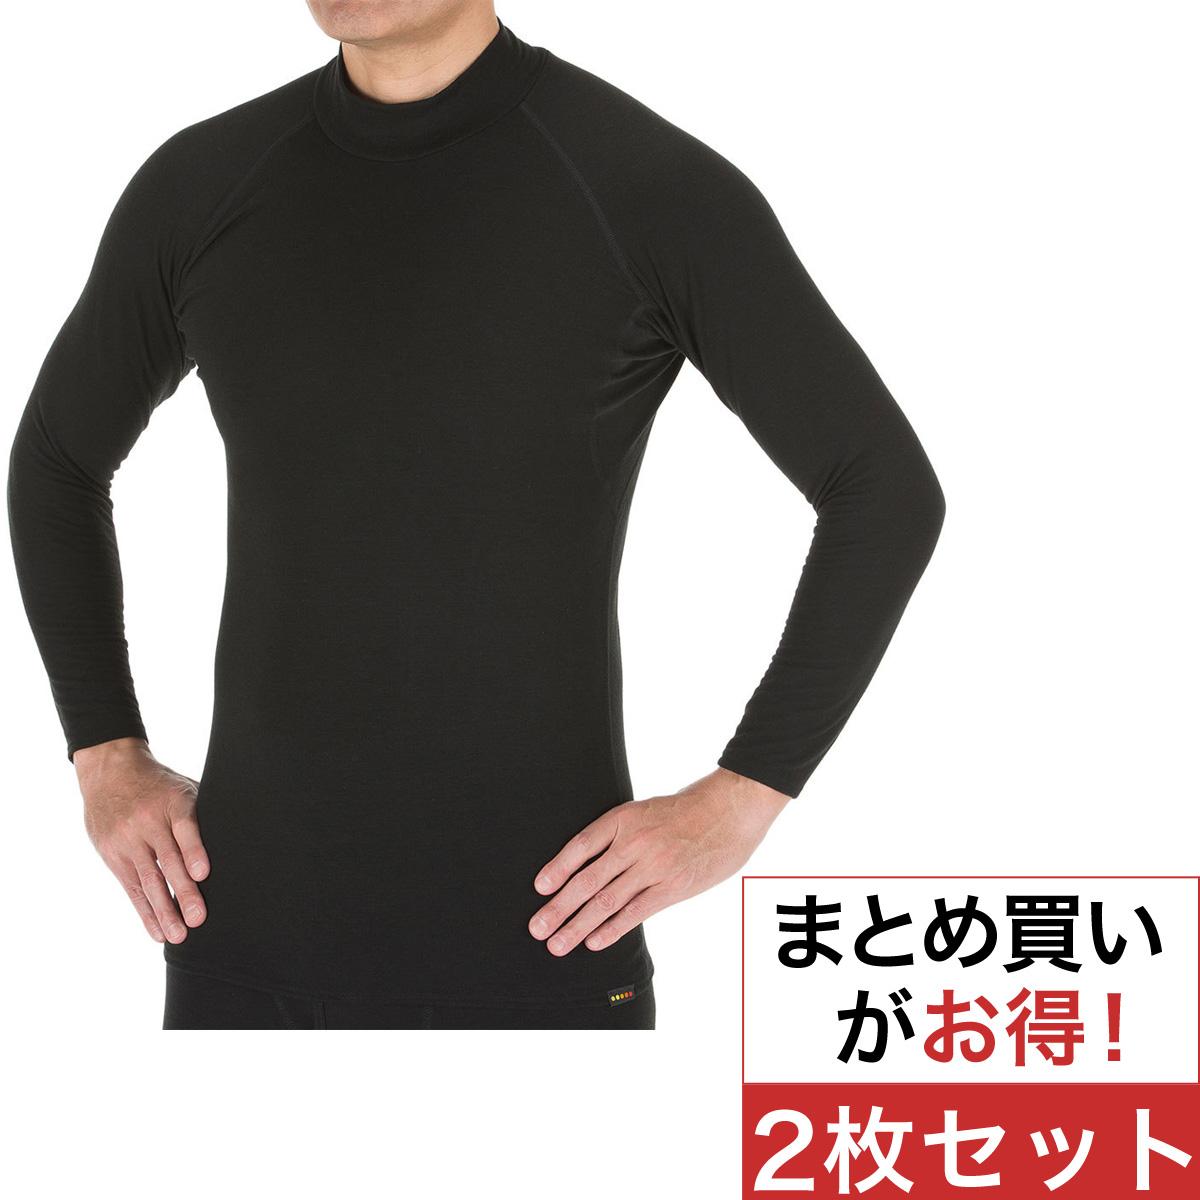 【冬期対応カジュアル兼用タイプ】アンダーウェア 長袖ハイネック 2枚セット